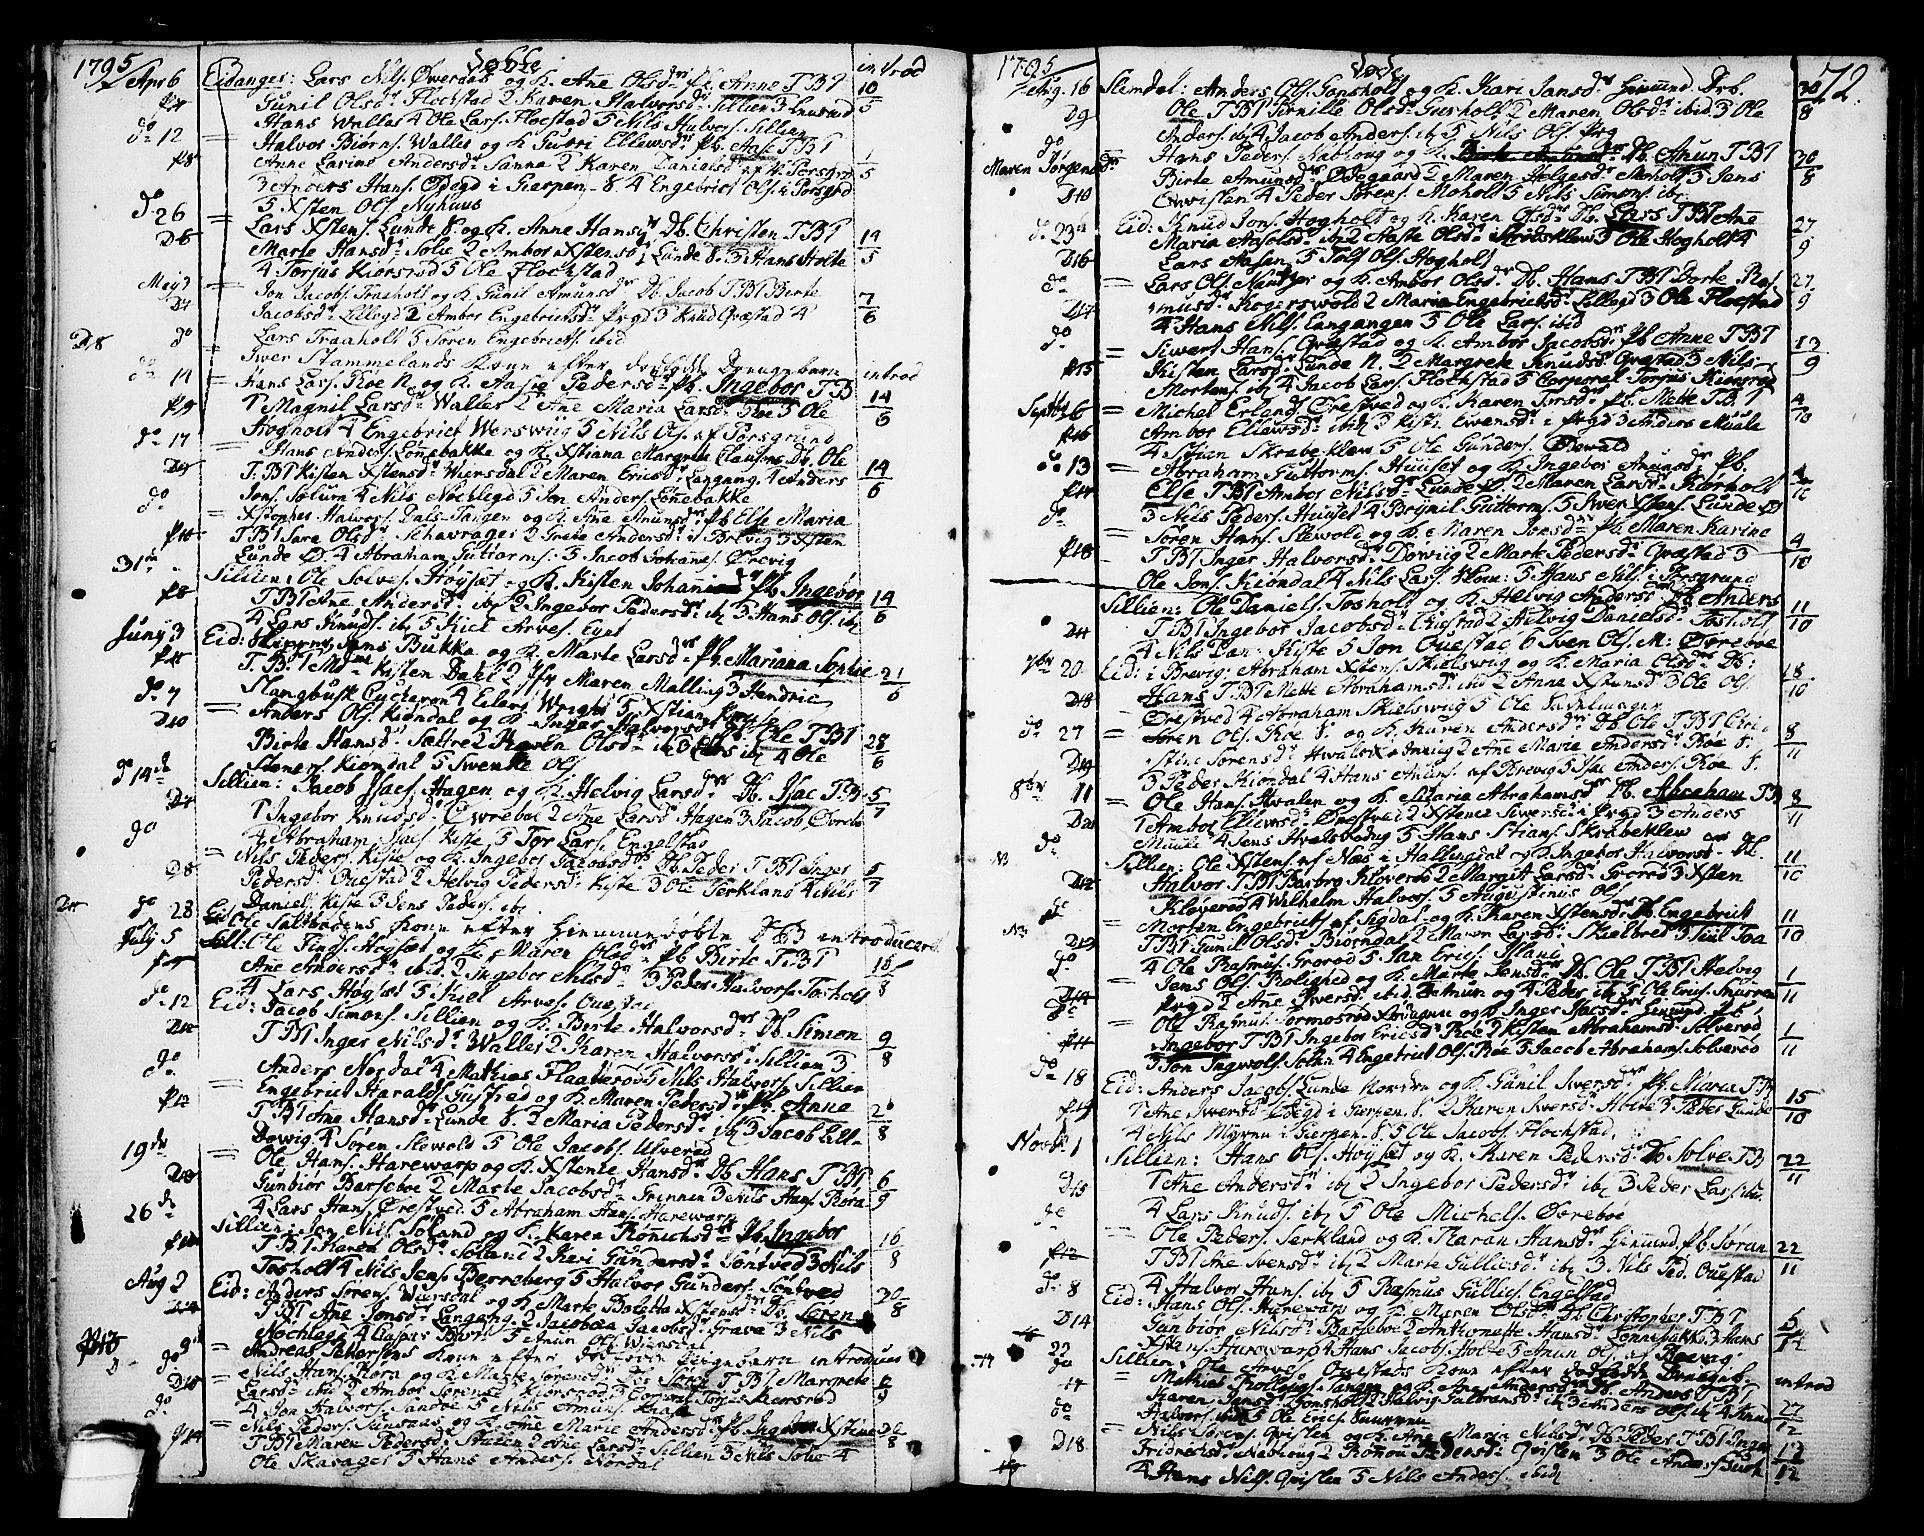 SAKO, Eidanger kirkebøker, F/Fa/L0006: Ministerialbok nr. 6, 1764-1814, s. 72